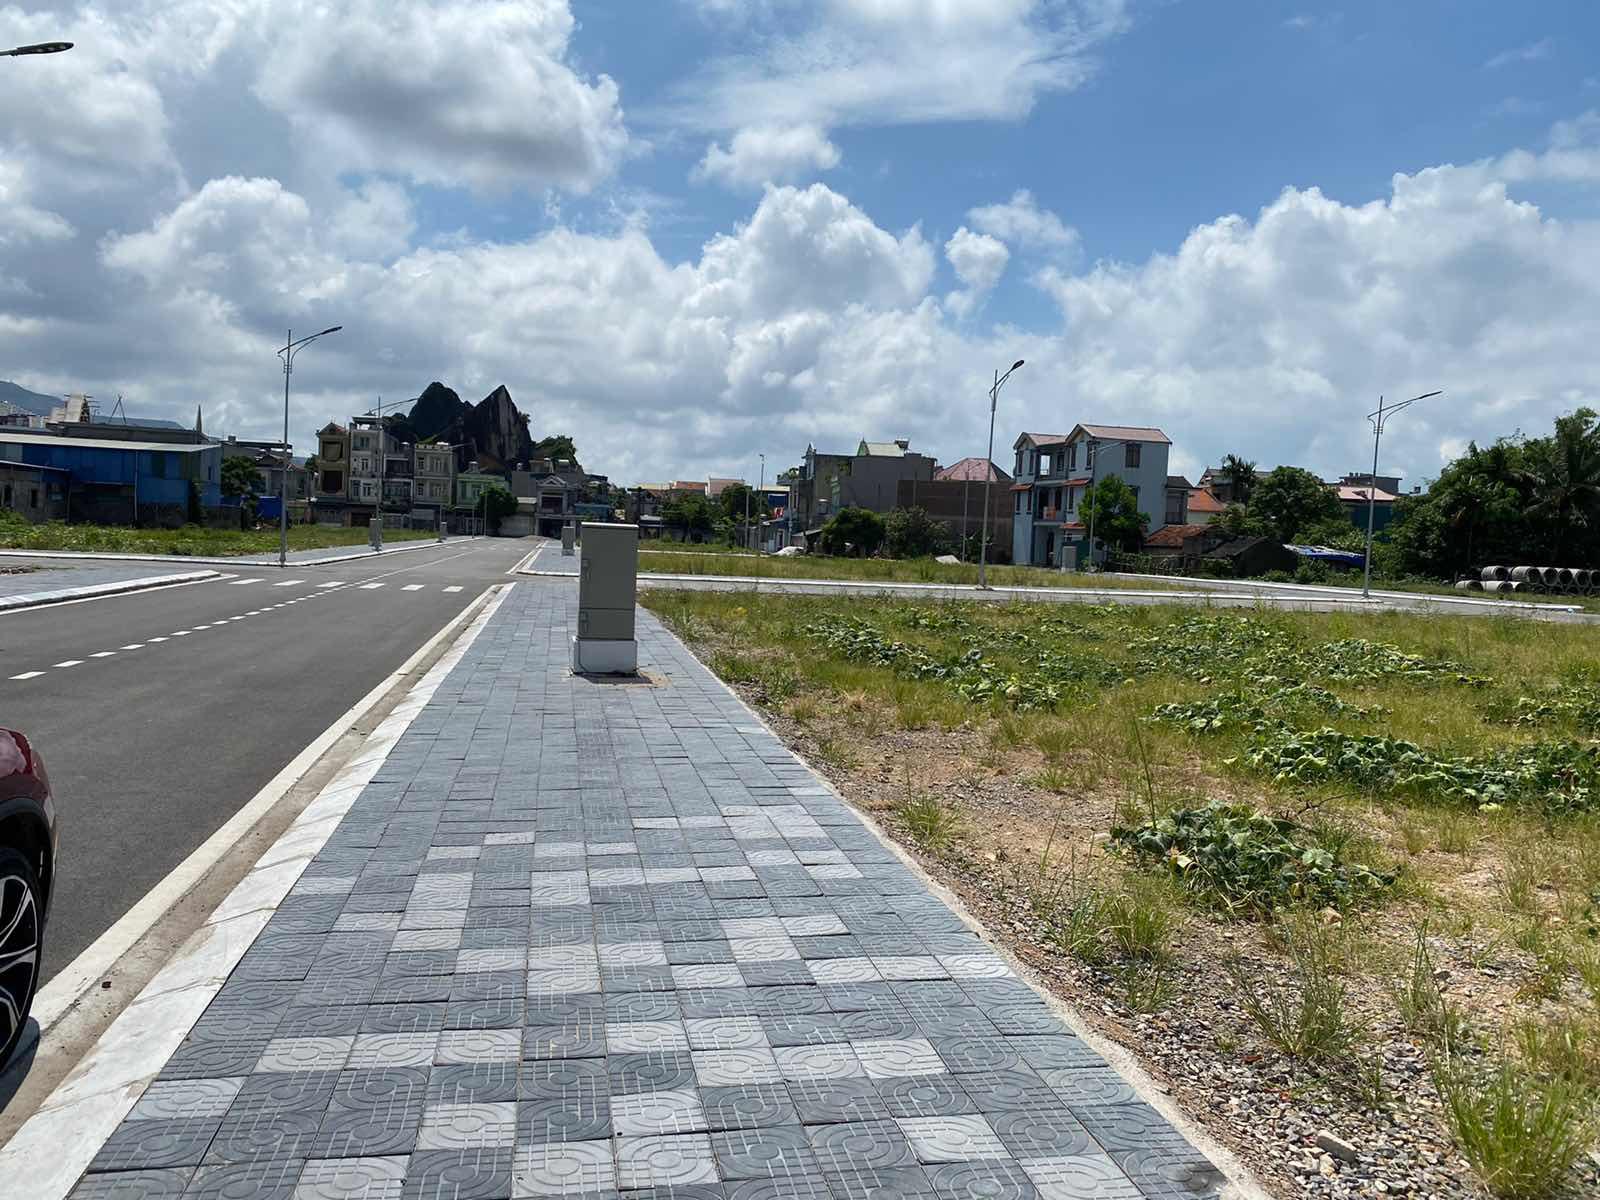 tiến độ dự án khu dân cư cẩm thạch residence